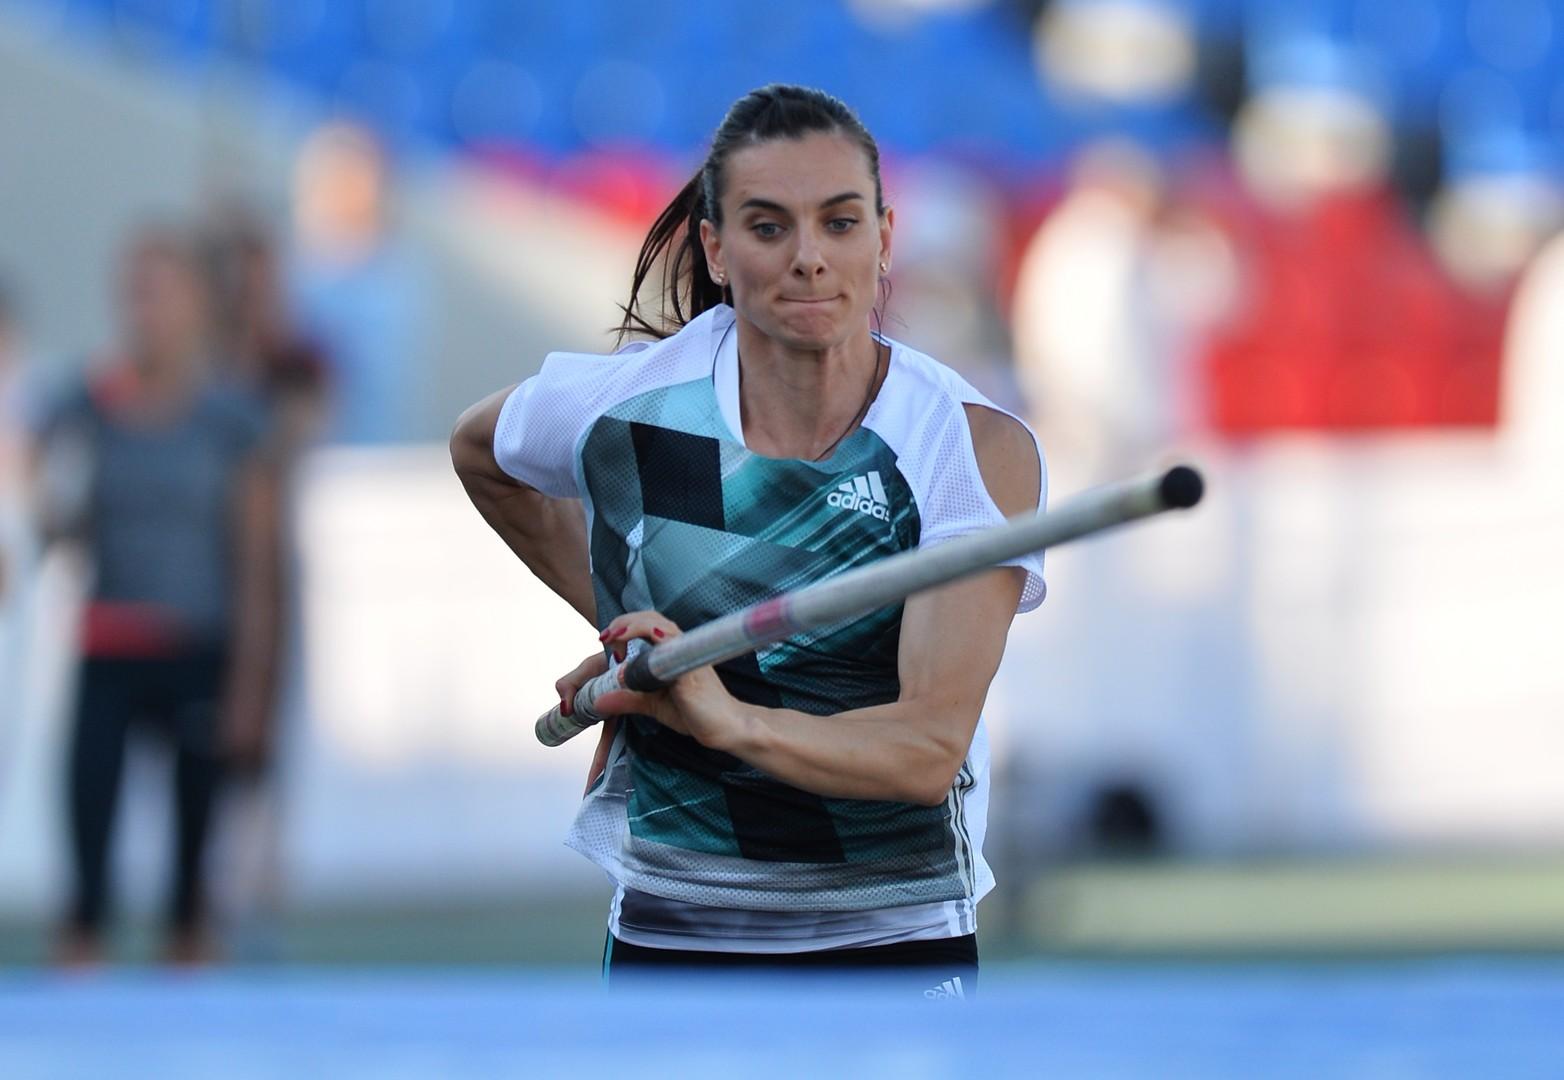 Елена Исинбаева — сборной России: Выступите в Рио так, чтобы мир содрогнулся